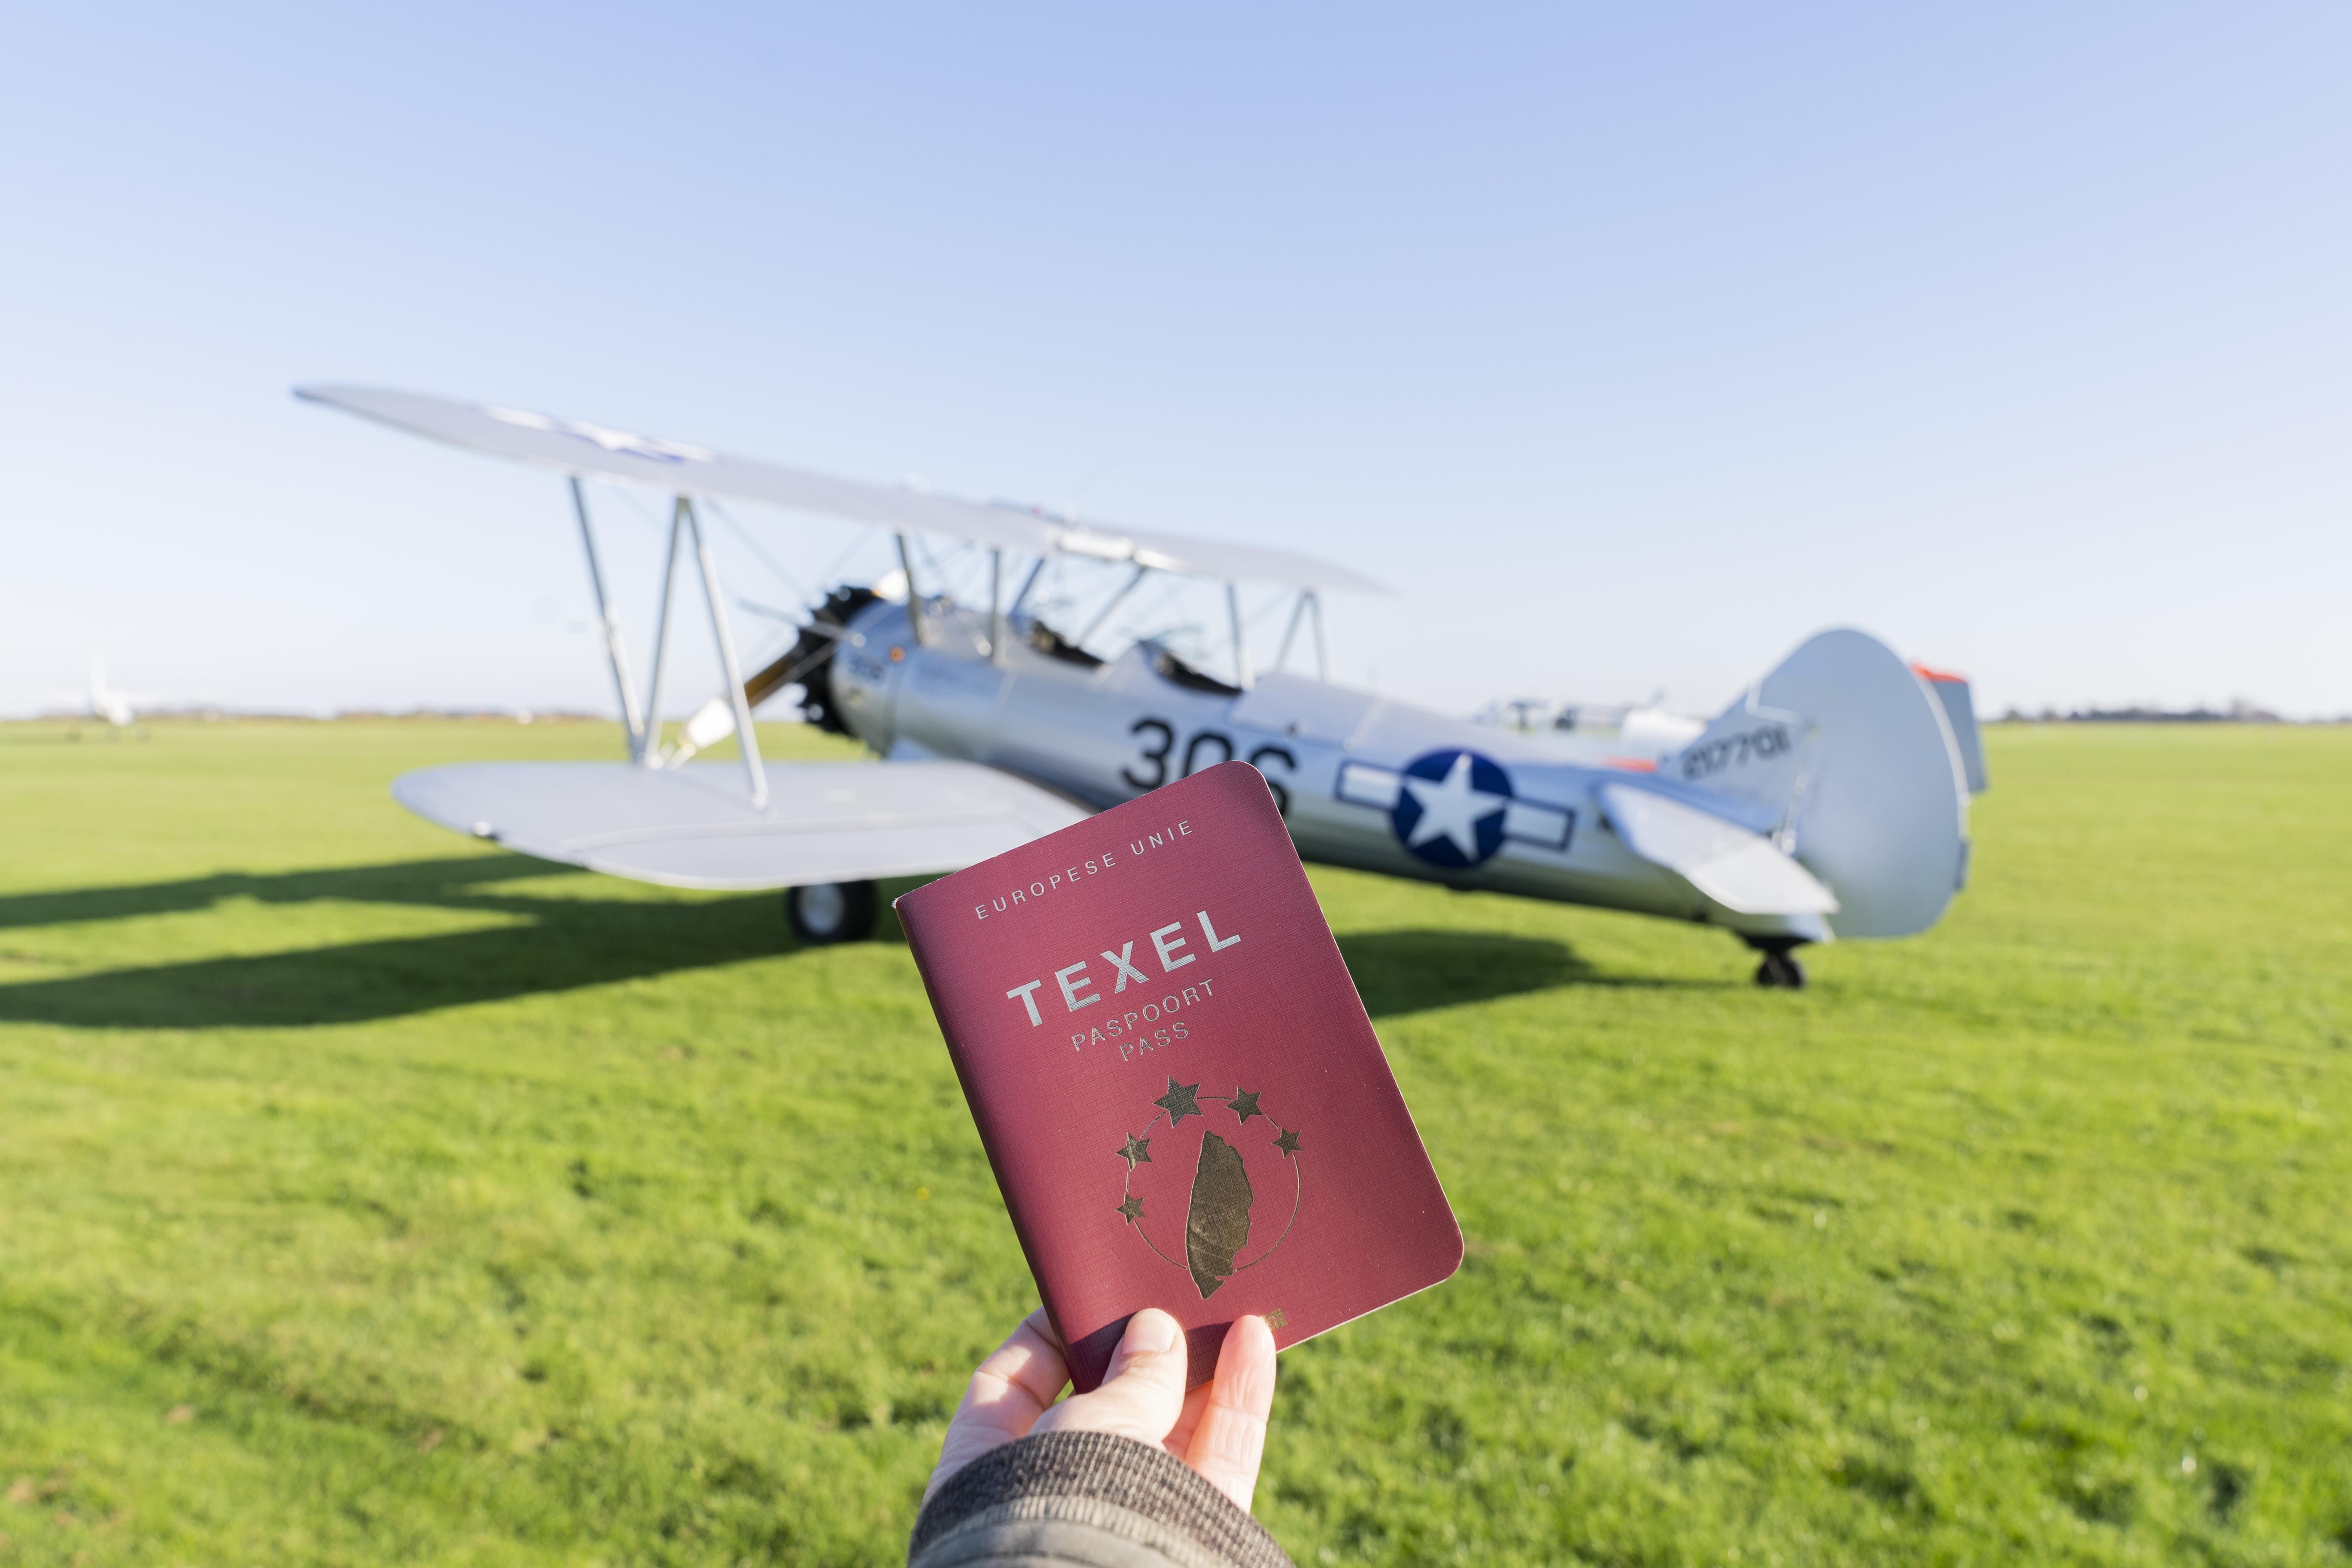 Liselotte Schoo VVV Texel Paspoort De Vlijt 9 alleen te gebruiken in combinatie Texel Paspoort